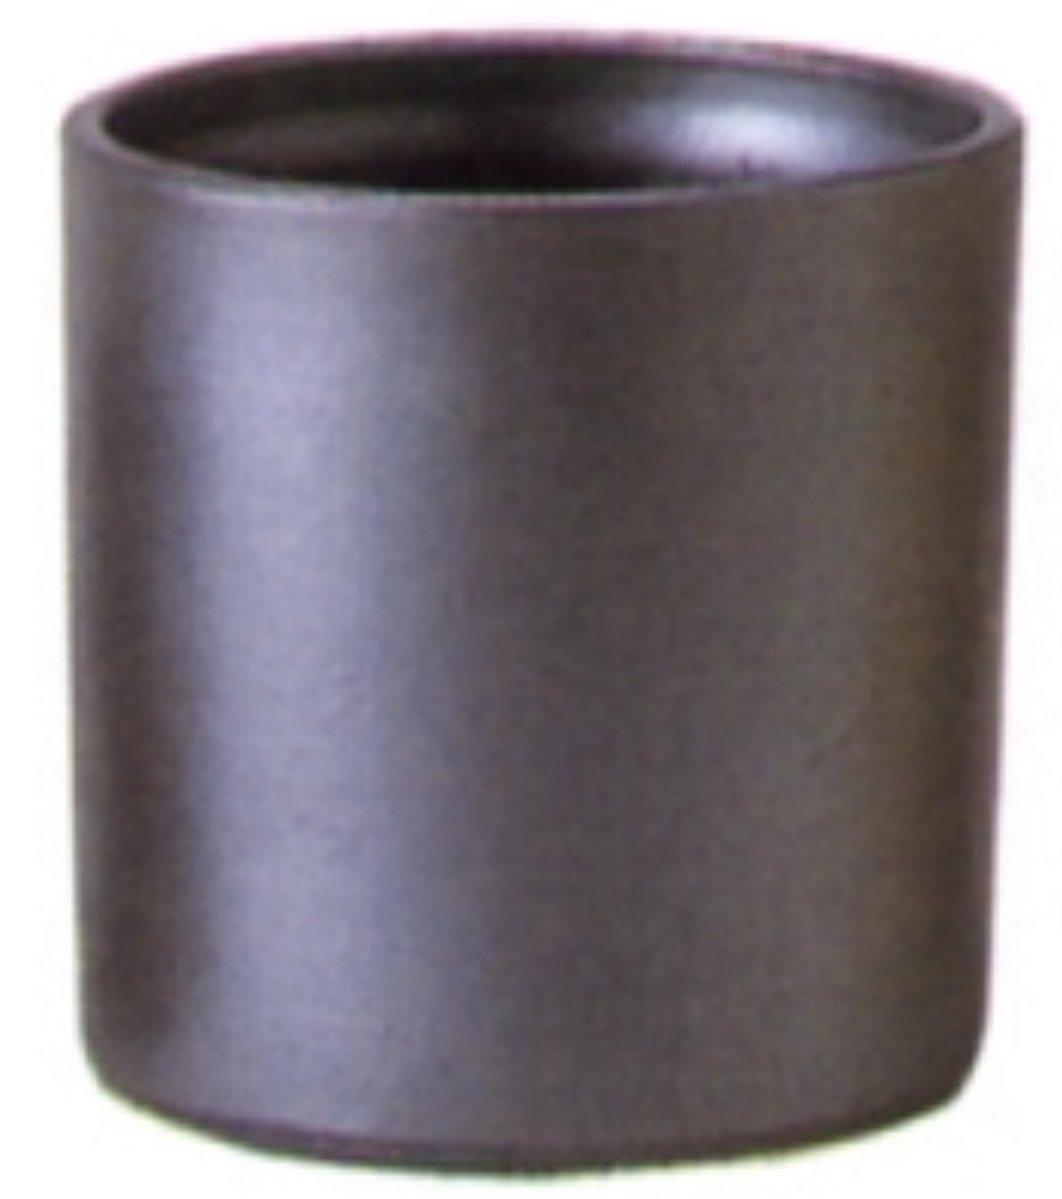 アドミナ 鉢カバー 8号用31cm イブシ【ネグランプリ G-1】 陶器 信楽焼き 穴なし おしゃれ B079YSGVBD 8号|イブシ イブシ 8号